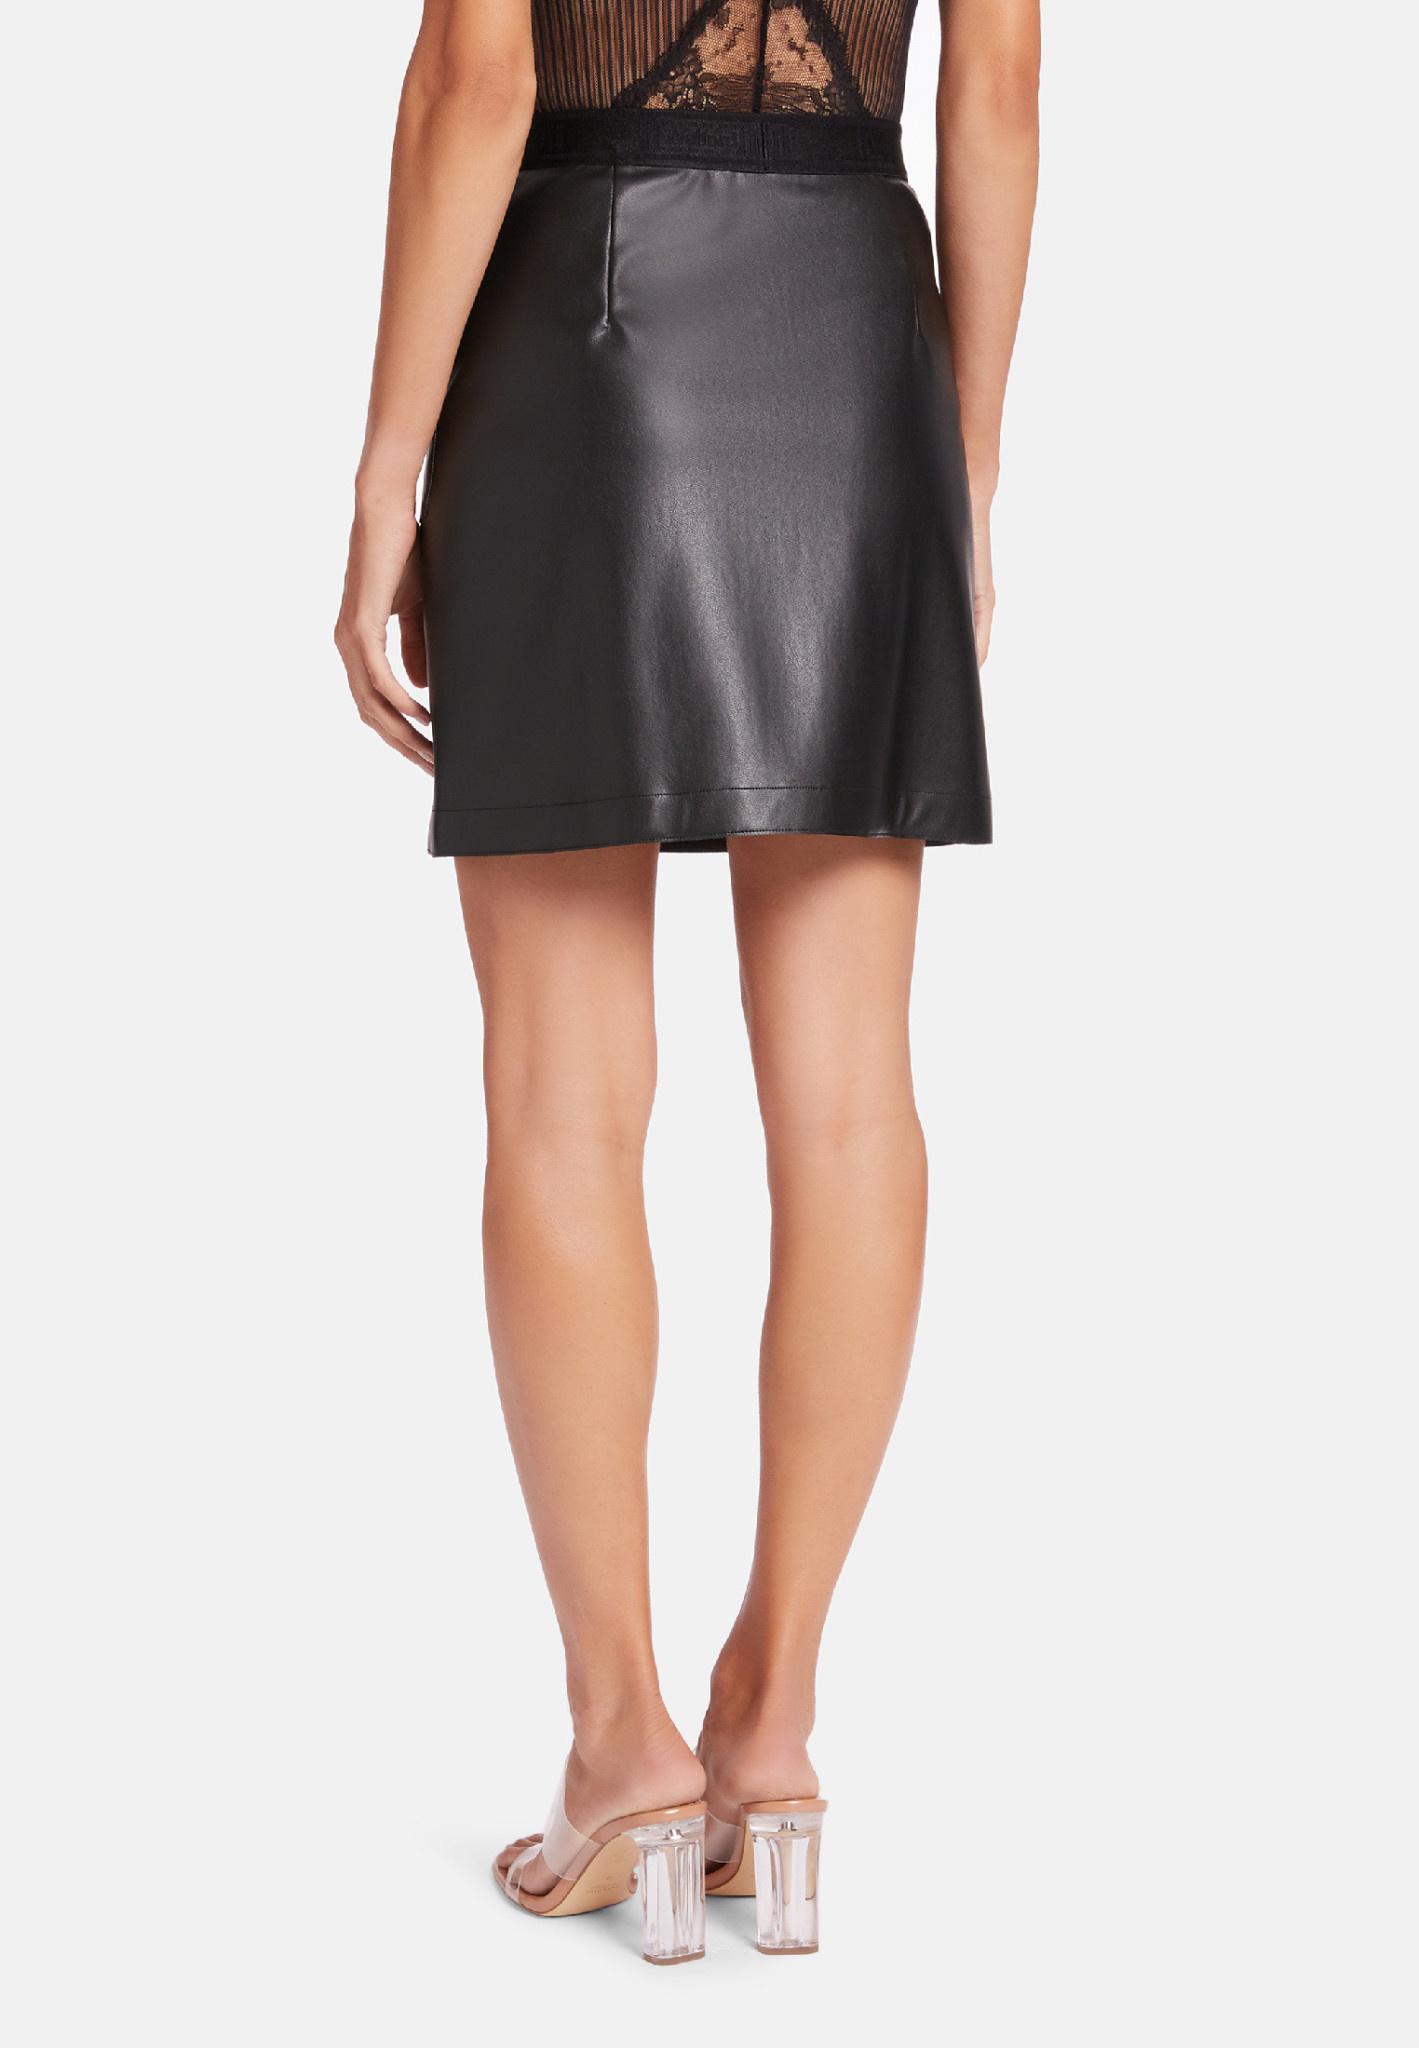 WOLFORD 52779 Estelle Shine Skirt